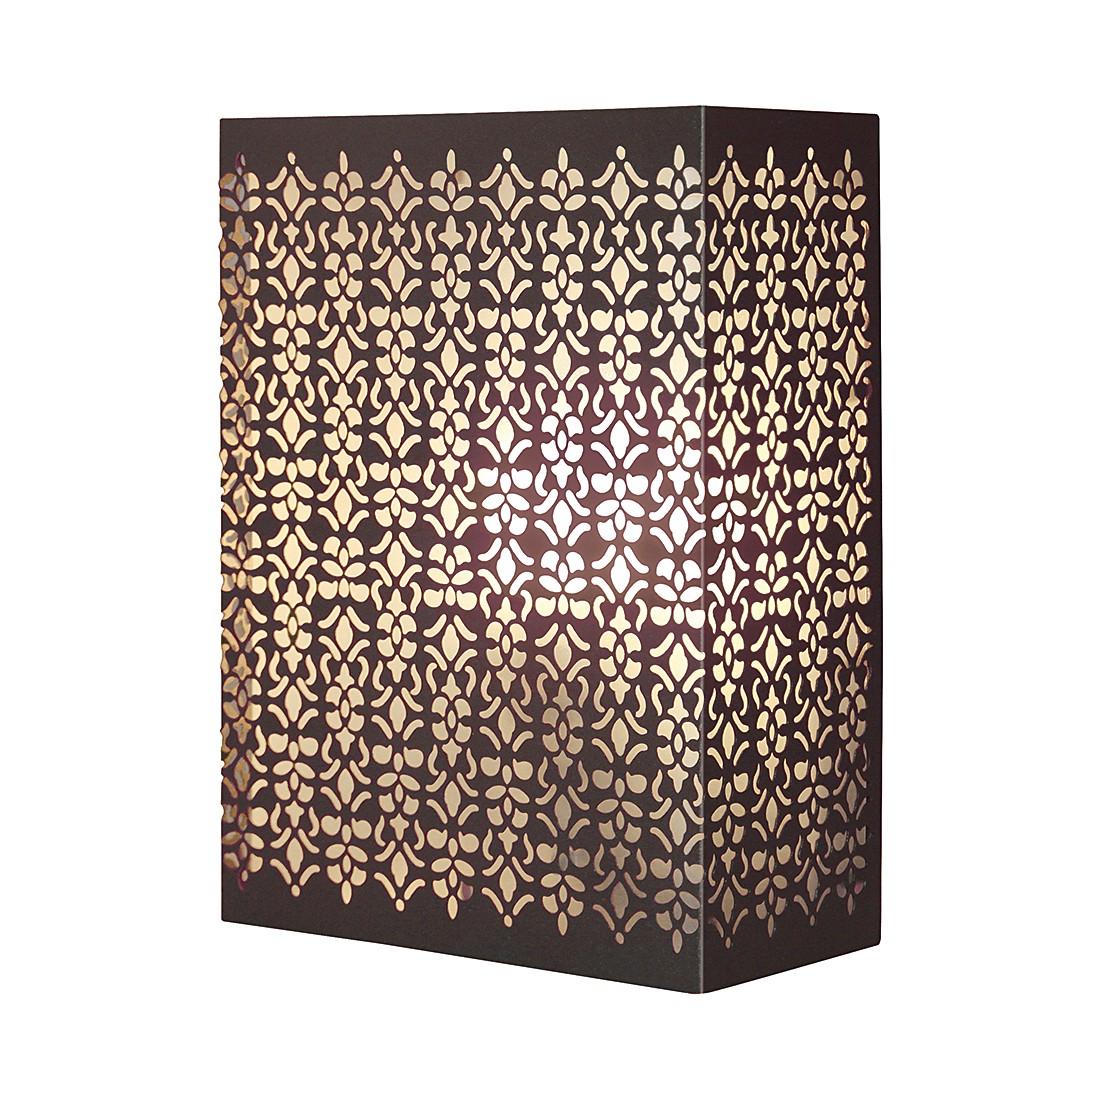 EEK A++, Wand- & Deckenleuchten Sally – Metall/Glas – Braun – 1-flammig, Brilliant jetzt bestellen